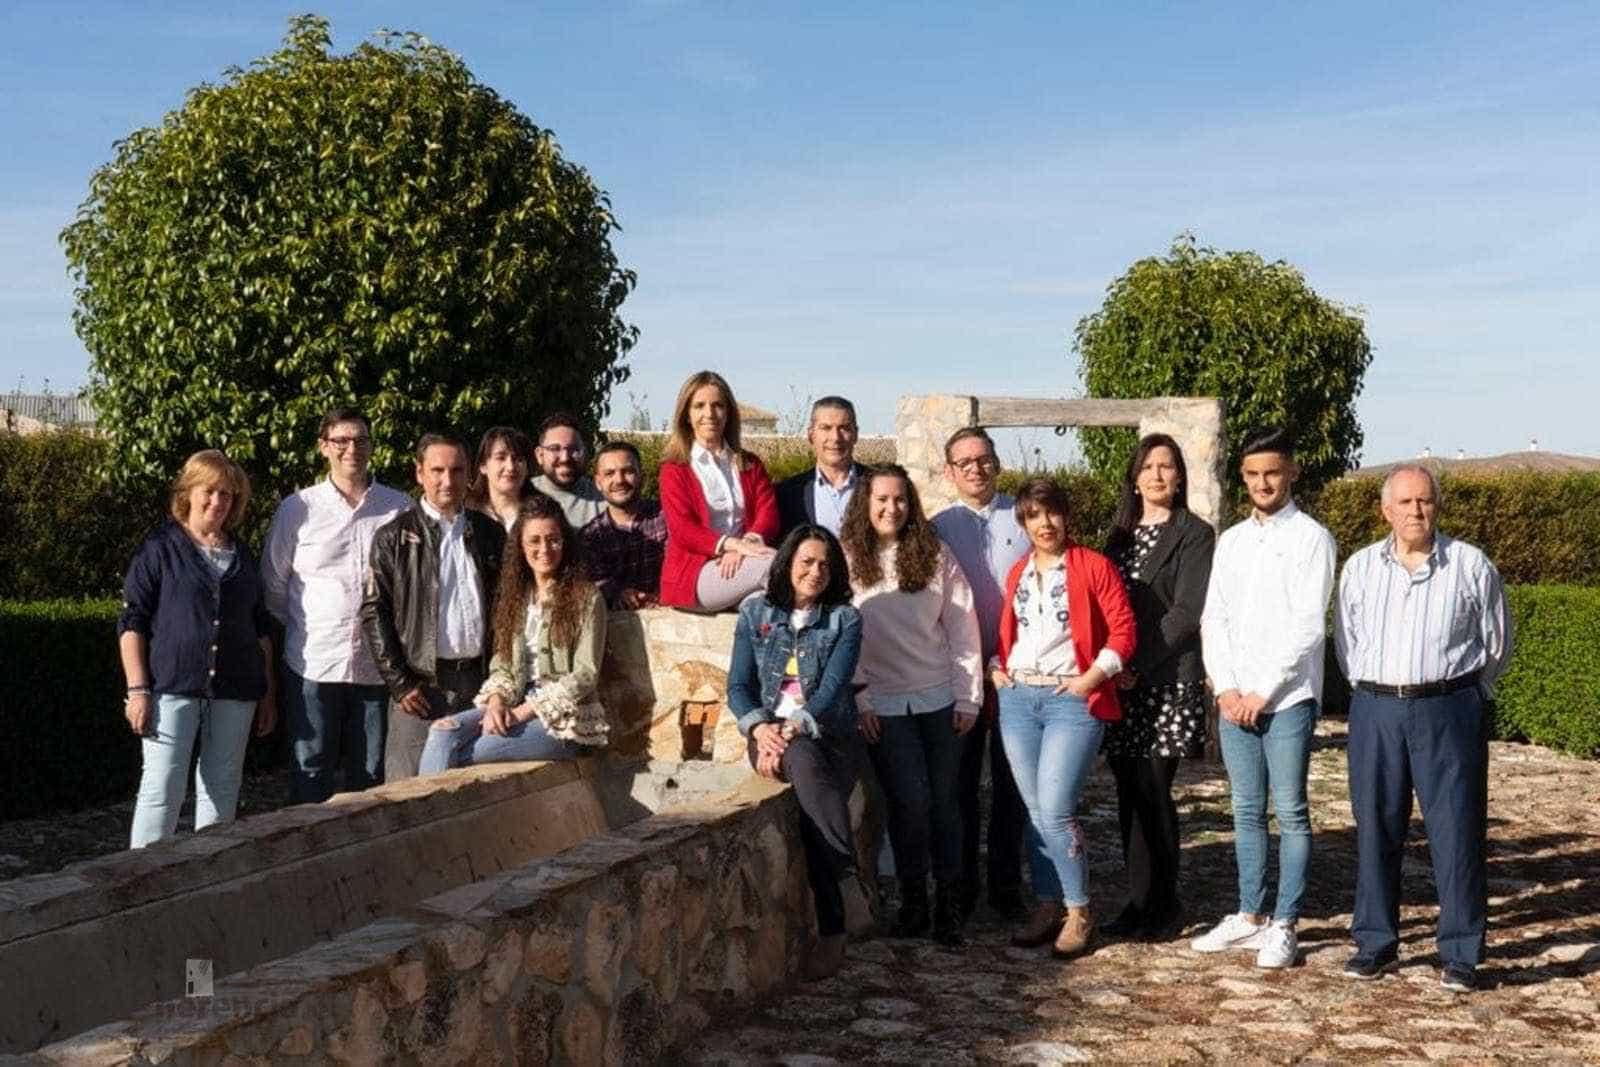 Candidatura partido popular herencia 2019 - Partido Popular Herencia presenta a su equipo para las elecciones municipales